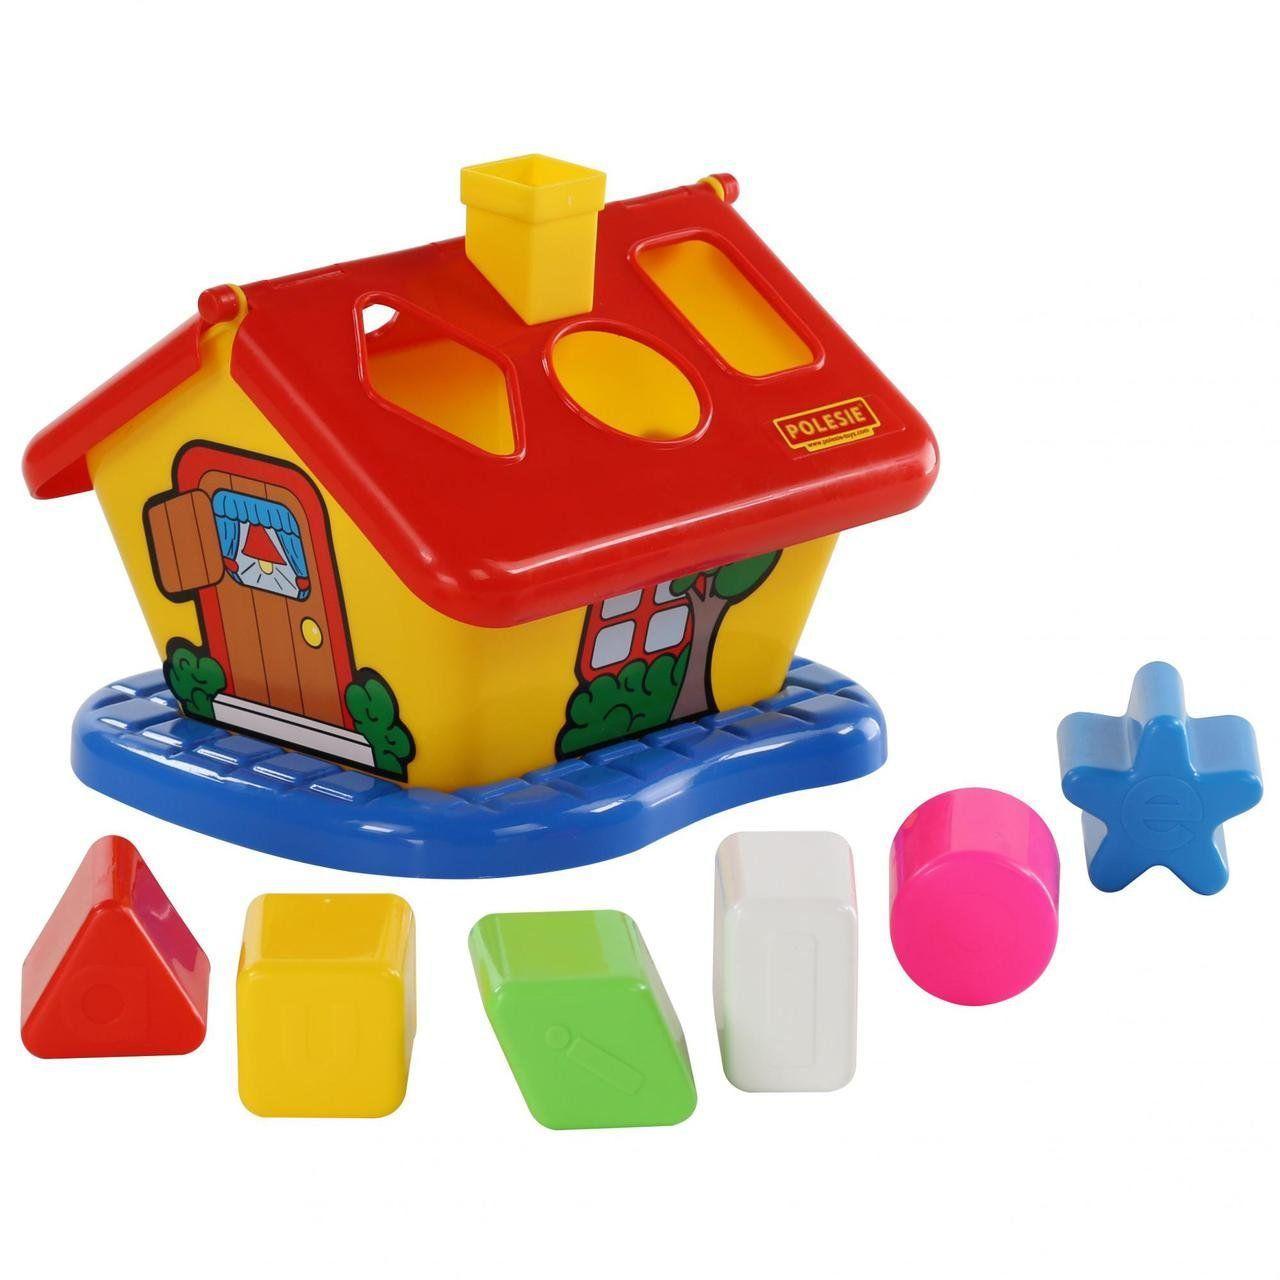 Игрушечный сорте садовый домик красный Polesie (3354-1)